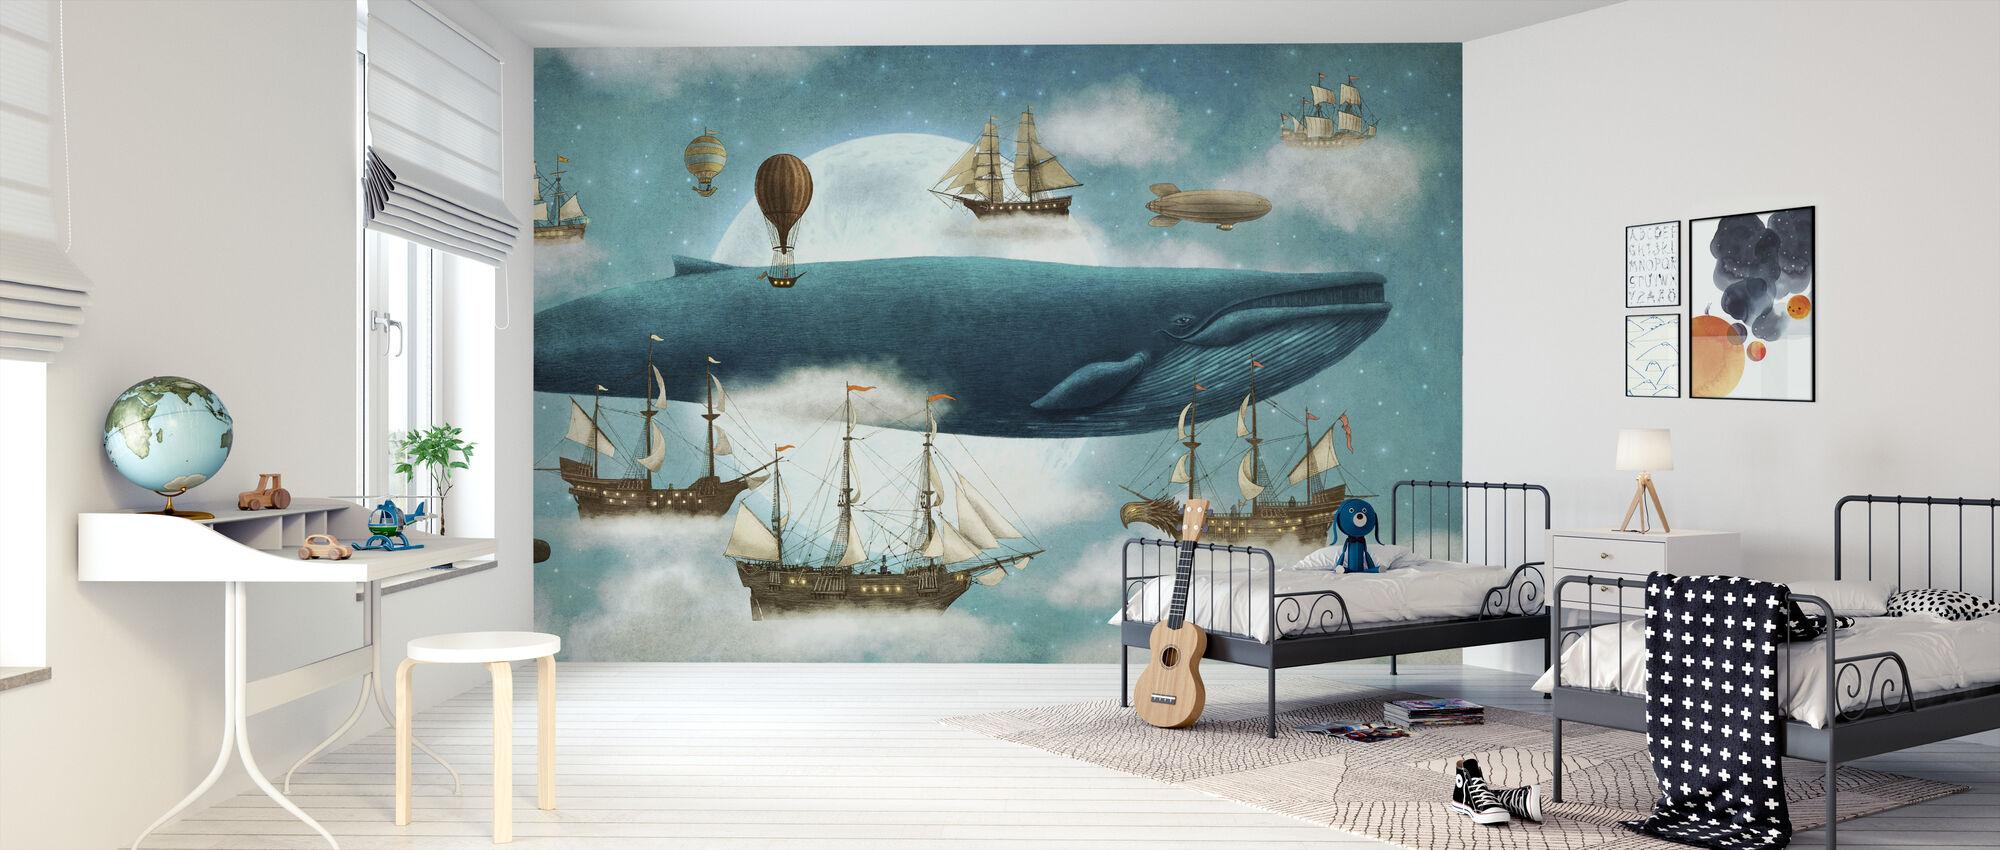 Ocean Meets Sky - Wallpaper - Kids Room